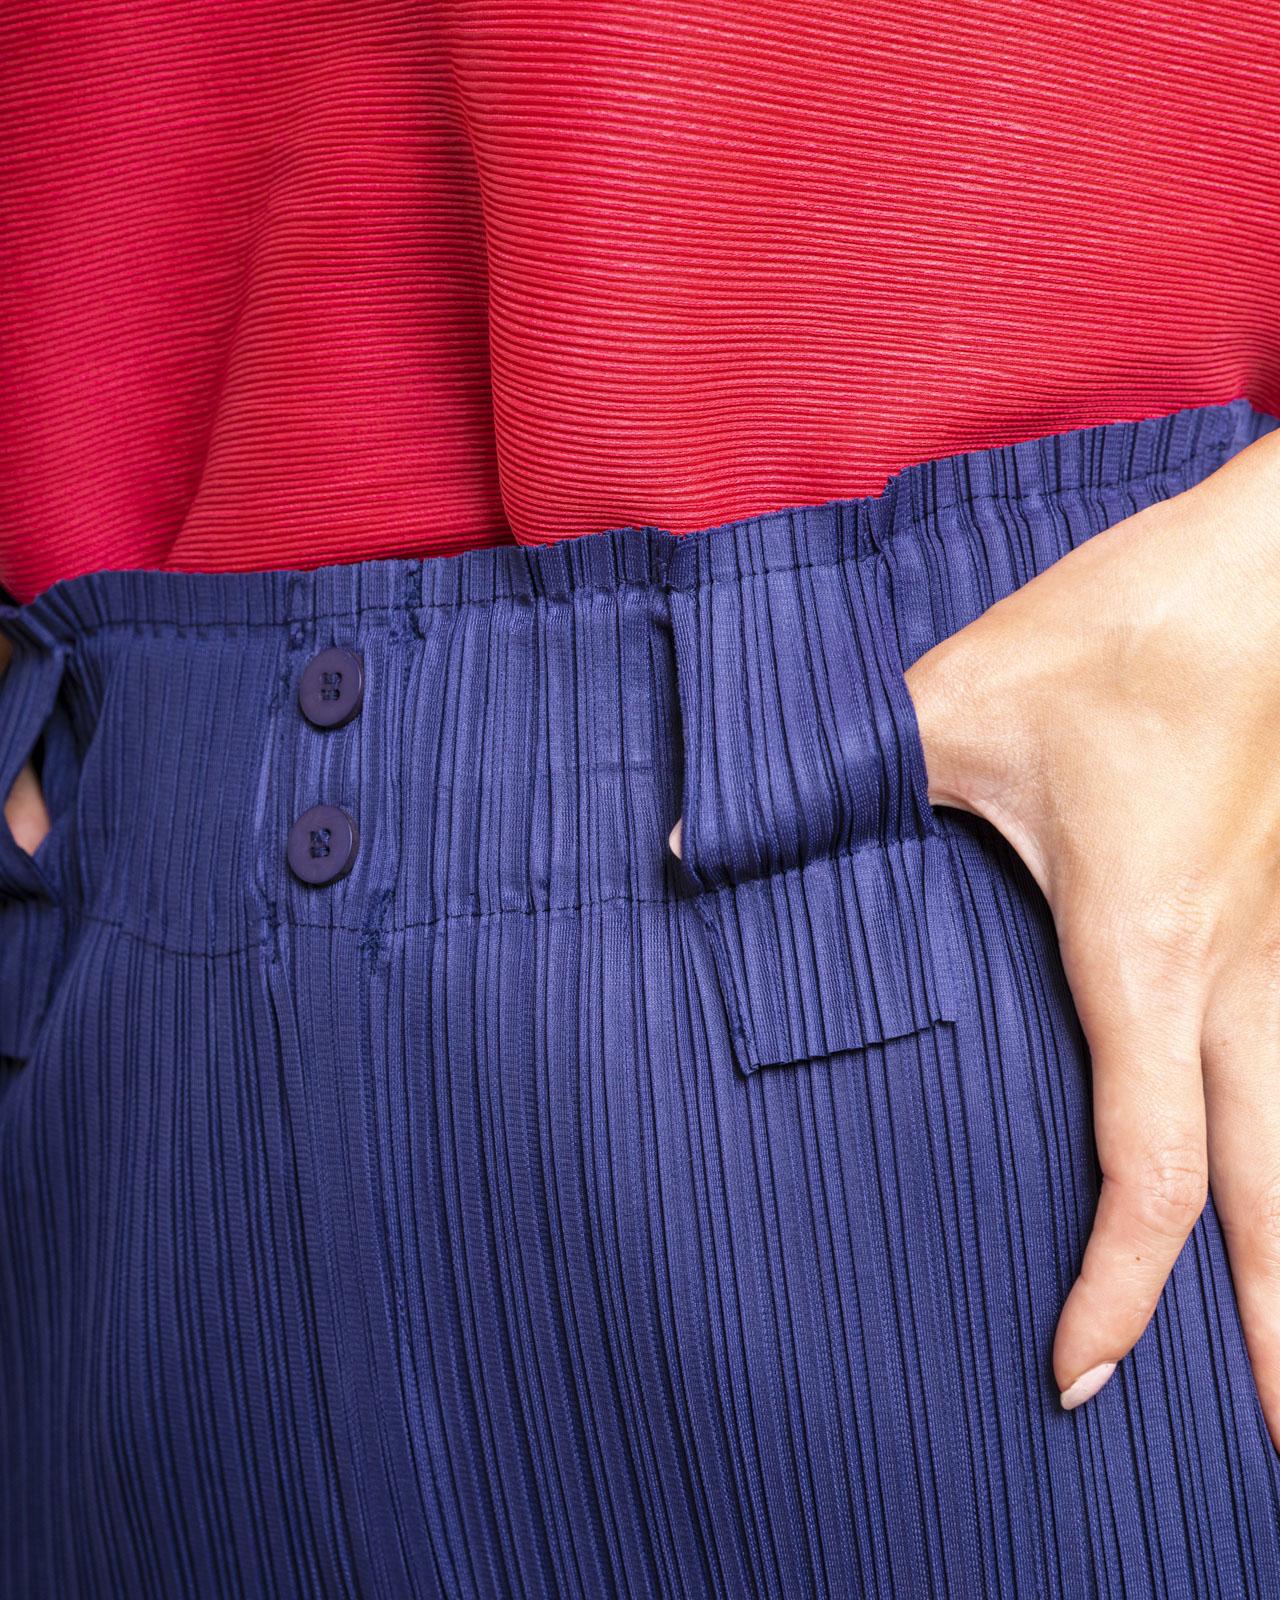 アルテソワ 履き心地良い細見えプリーツパンツ